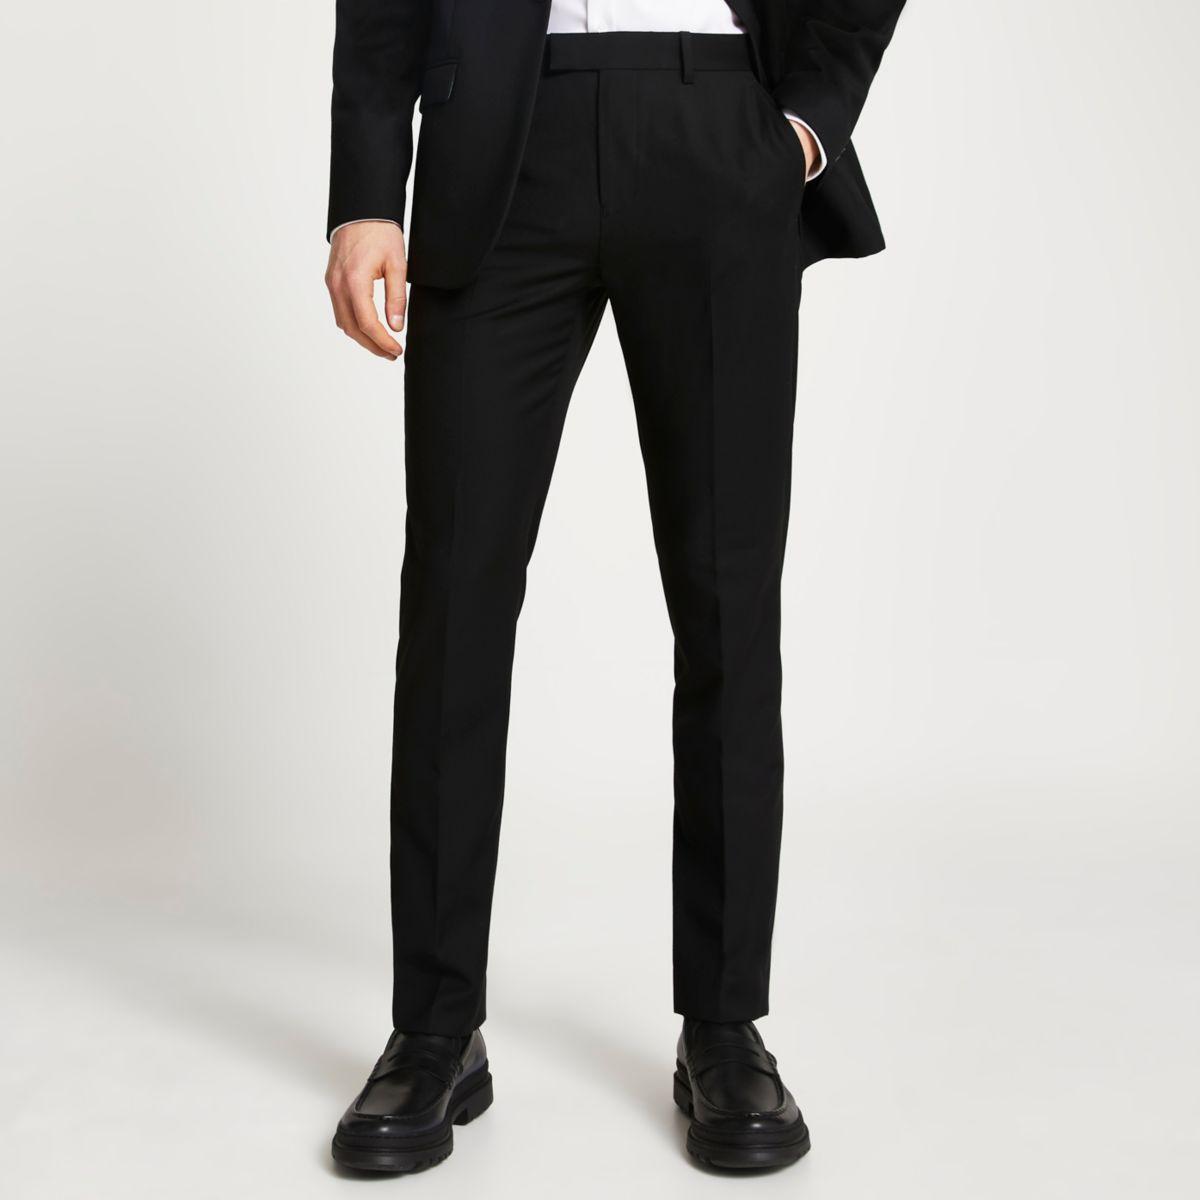 Black slim fit suit pants